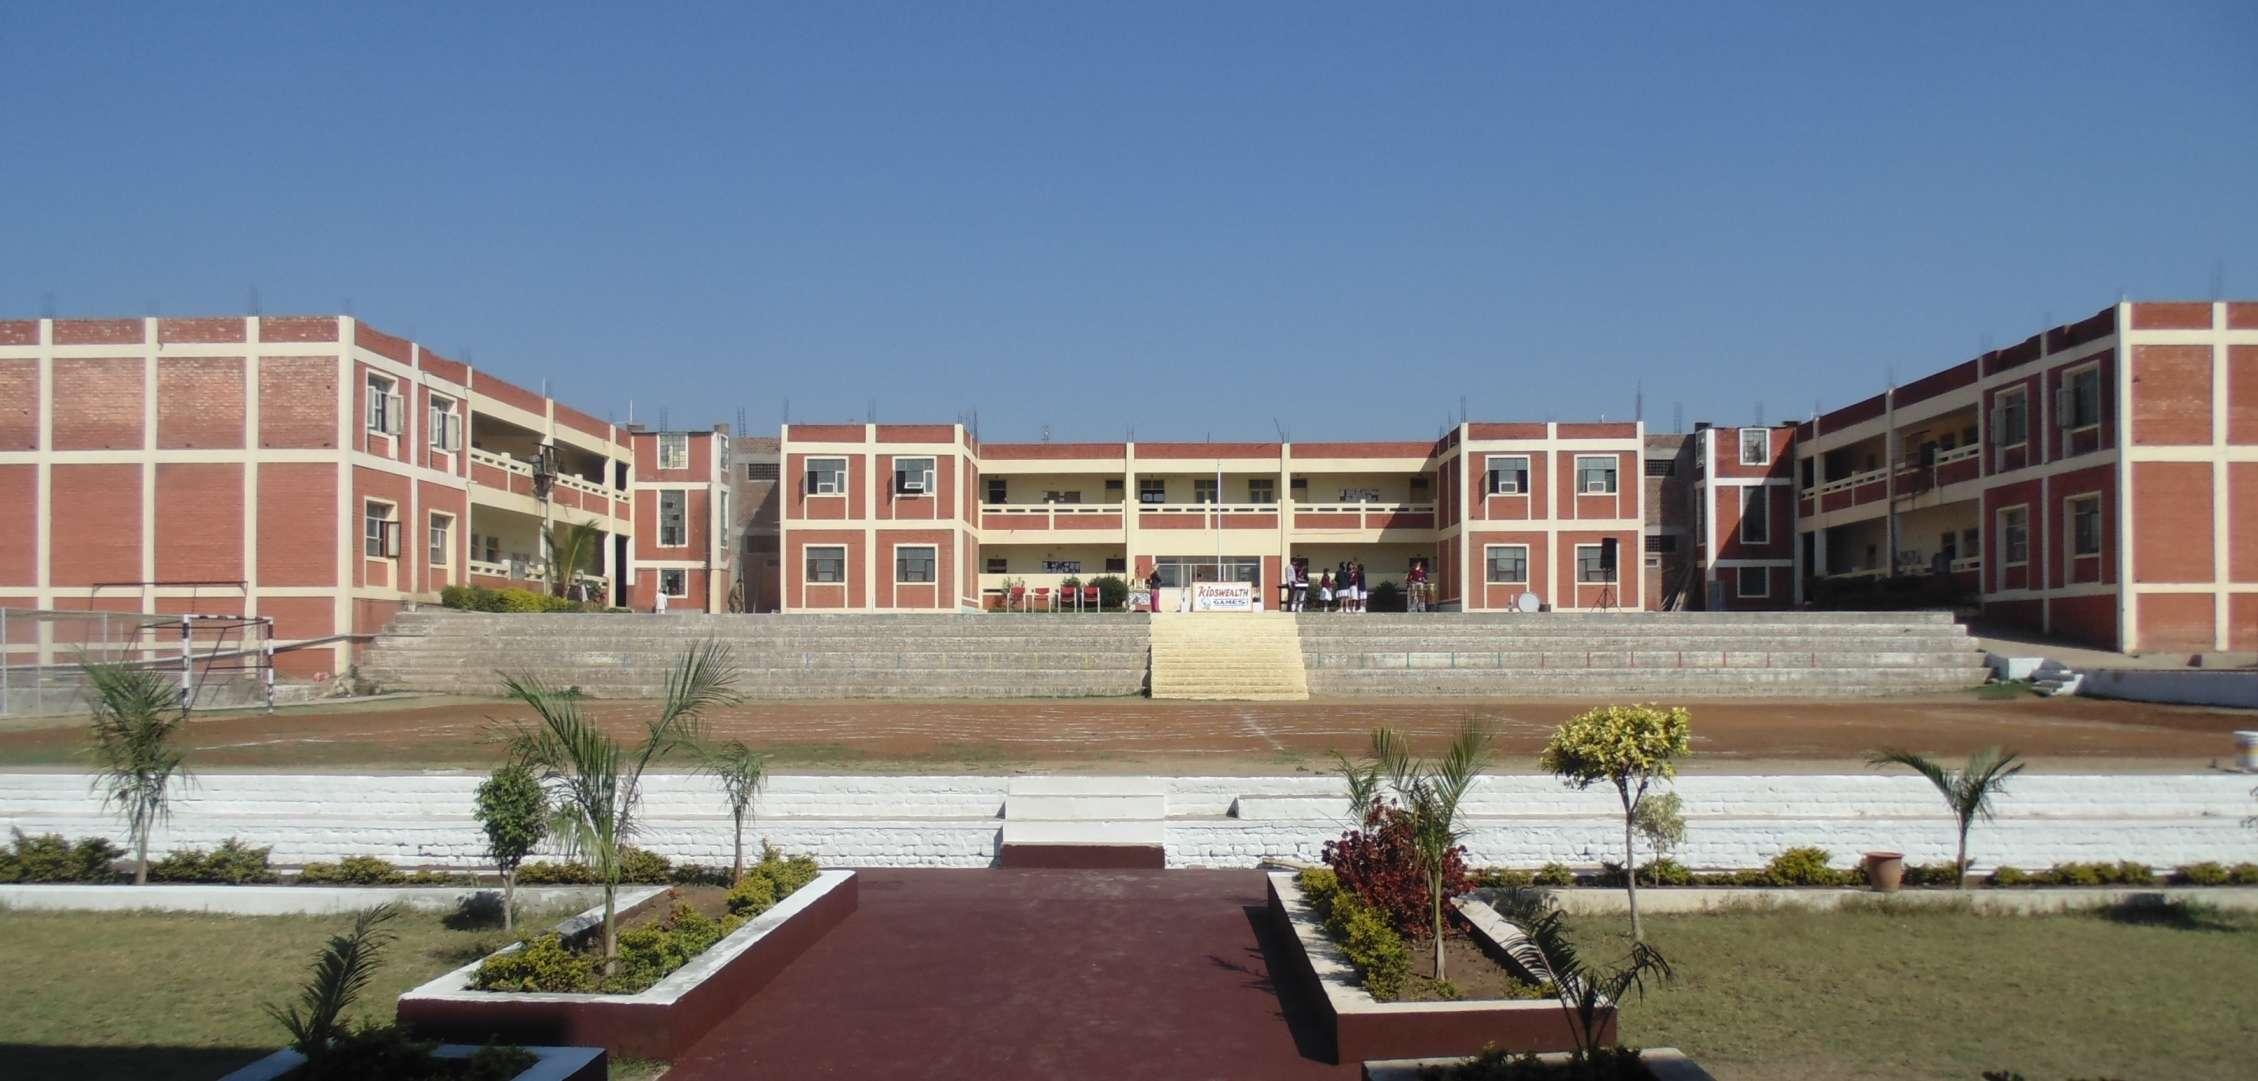 KANWARTARA PUBLIC HR SEC SCHOOL SRI NAGAR COLONEY MANDLESHWAR KHARGAON MP 1030241